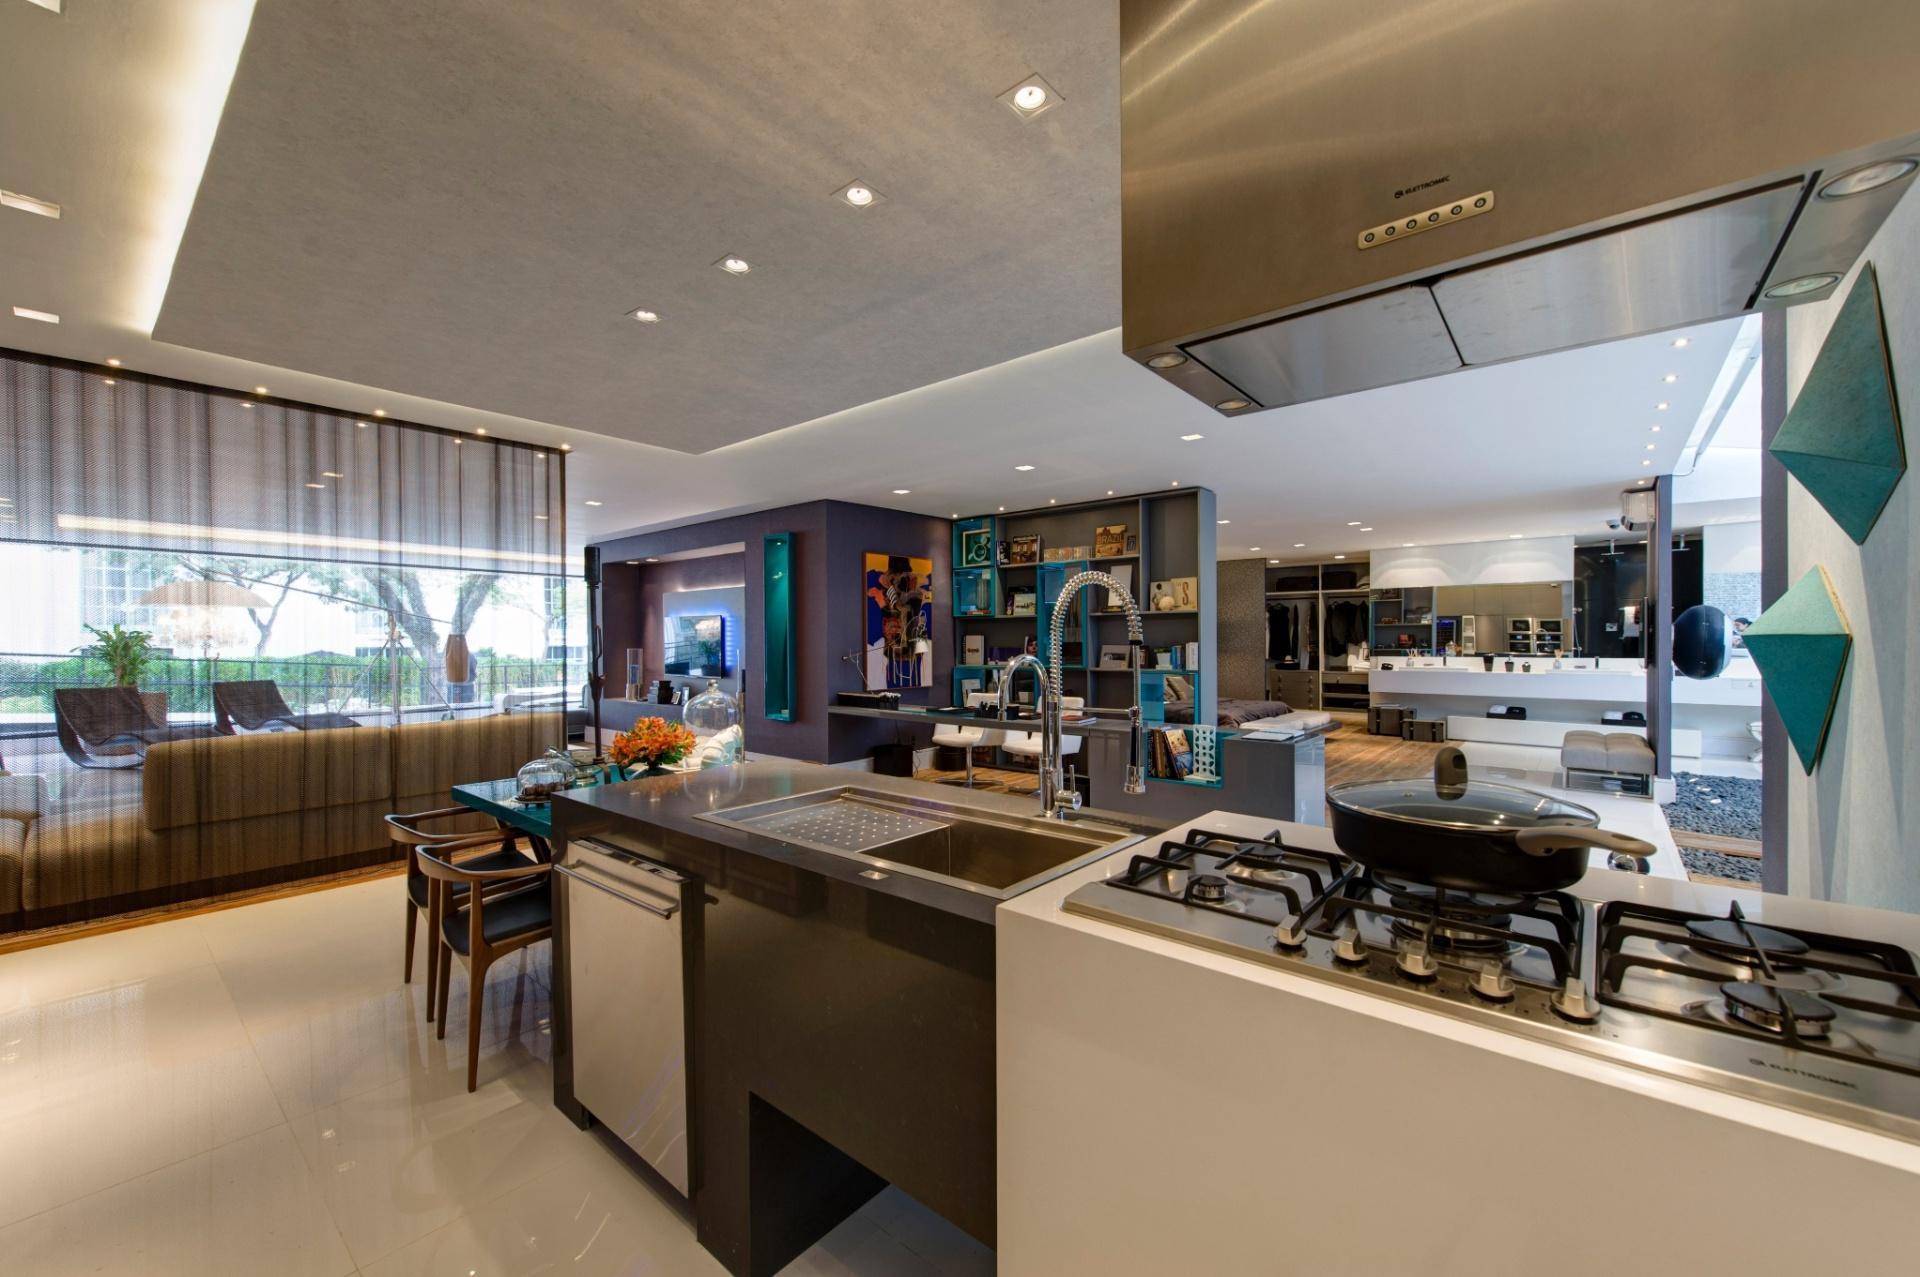 A Casa Inteligente, de 300 m², foi criada por Jóia Bergamo. Da cozinha integrada, é possível visualizar a cor turquesa aplicada em objetos pontuais. A 27ª Casa Cor SP segue até dia 21 de julho de 2013, no Jockey Club de São Paulo